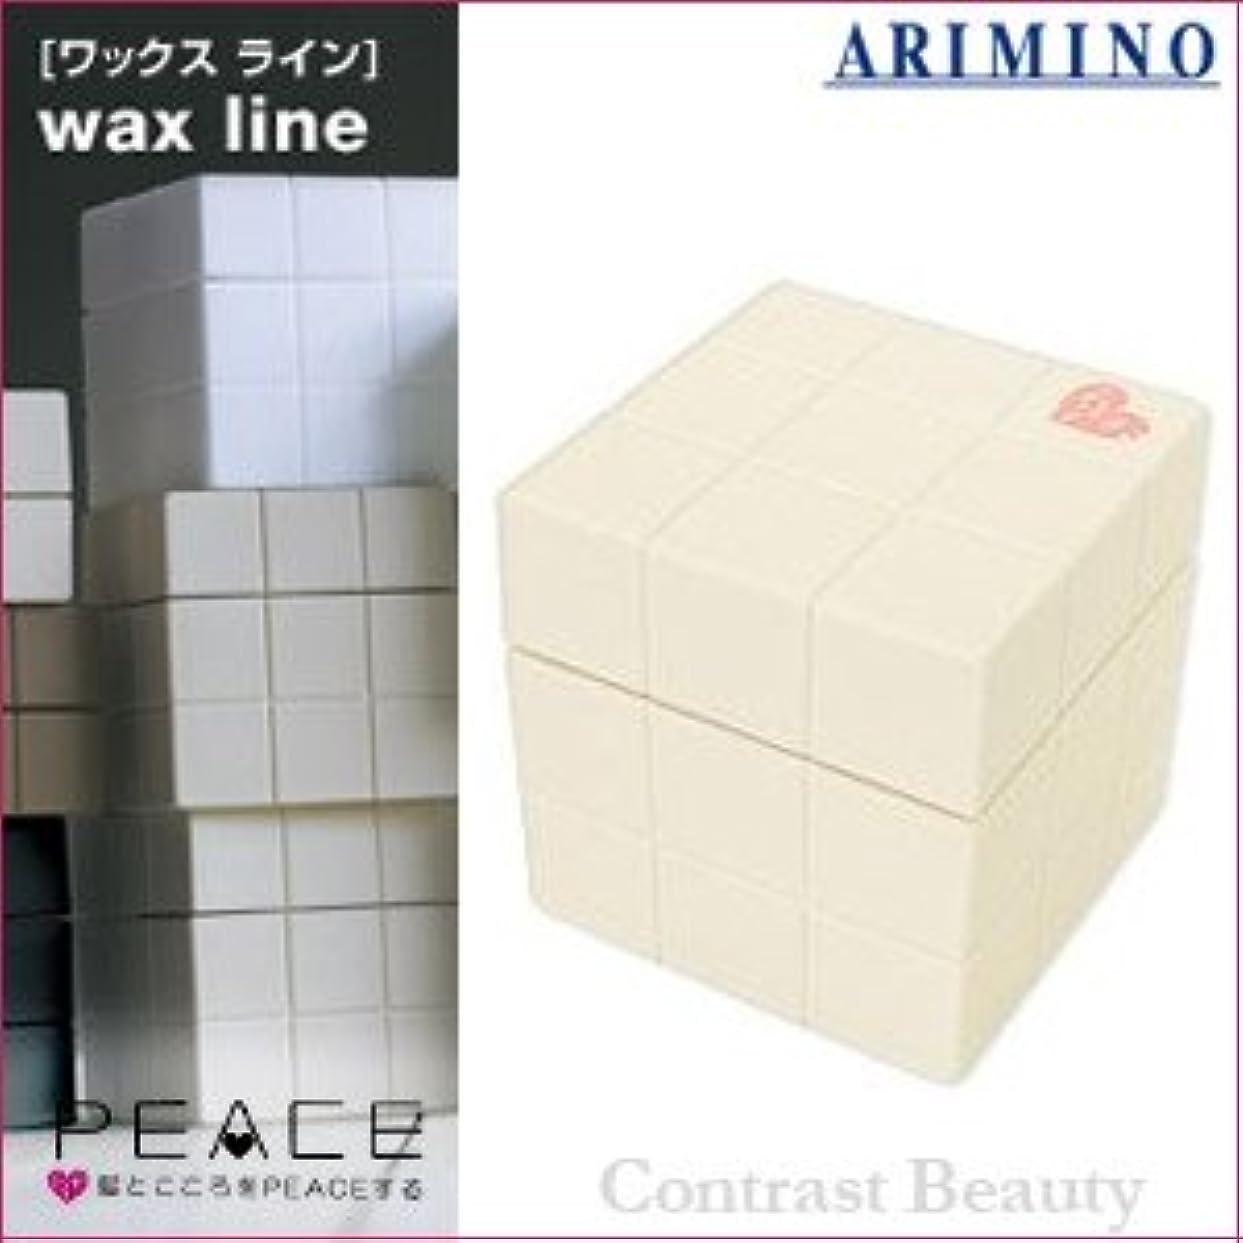 スマート交渉するトラブル【x3個セット】 アリミノ ピース プロデザインシリーズ ニュアンスワックス バニラ 80g